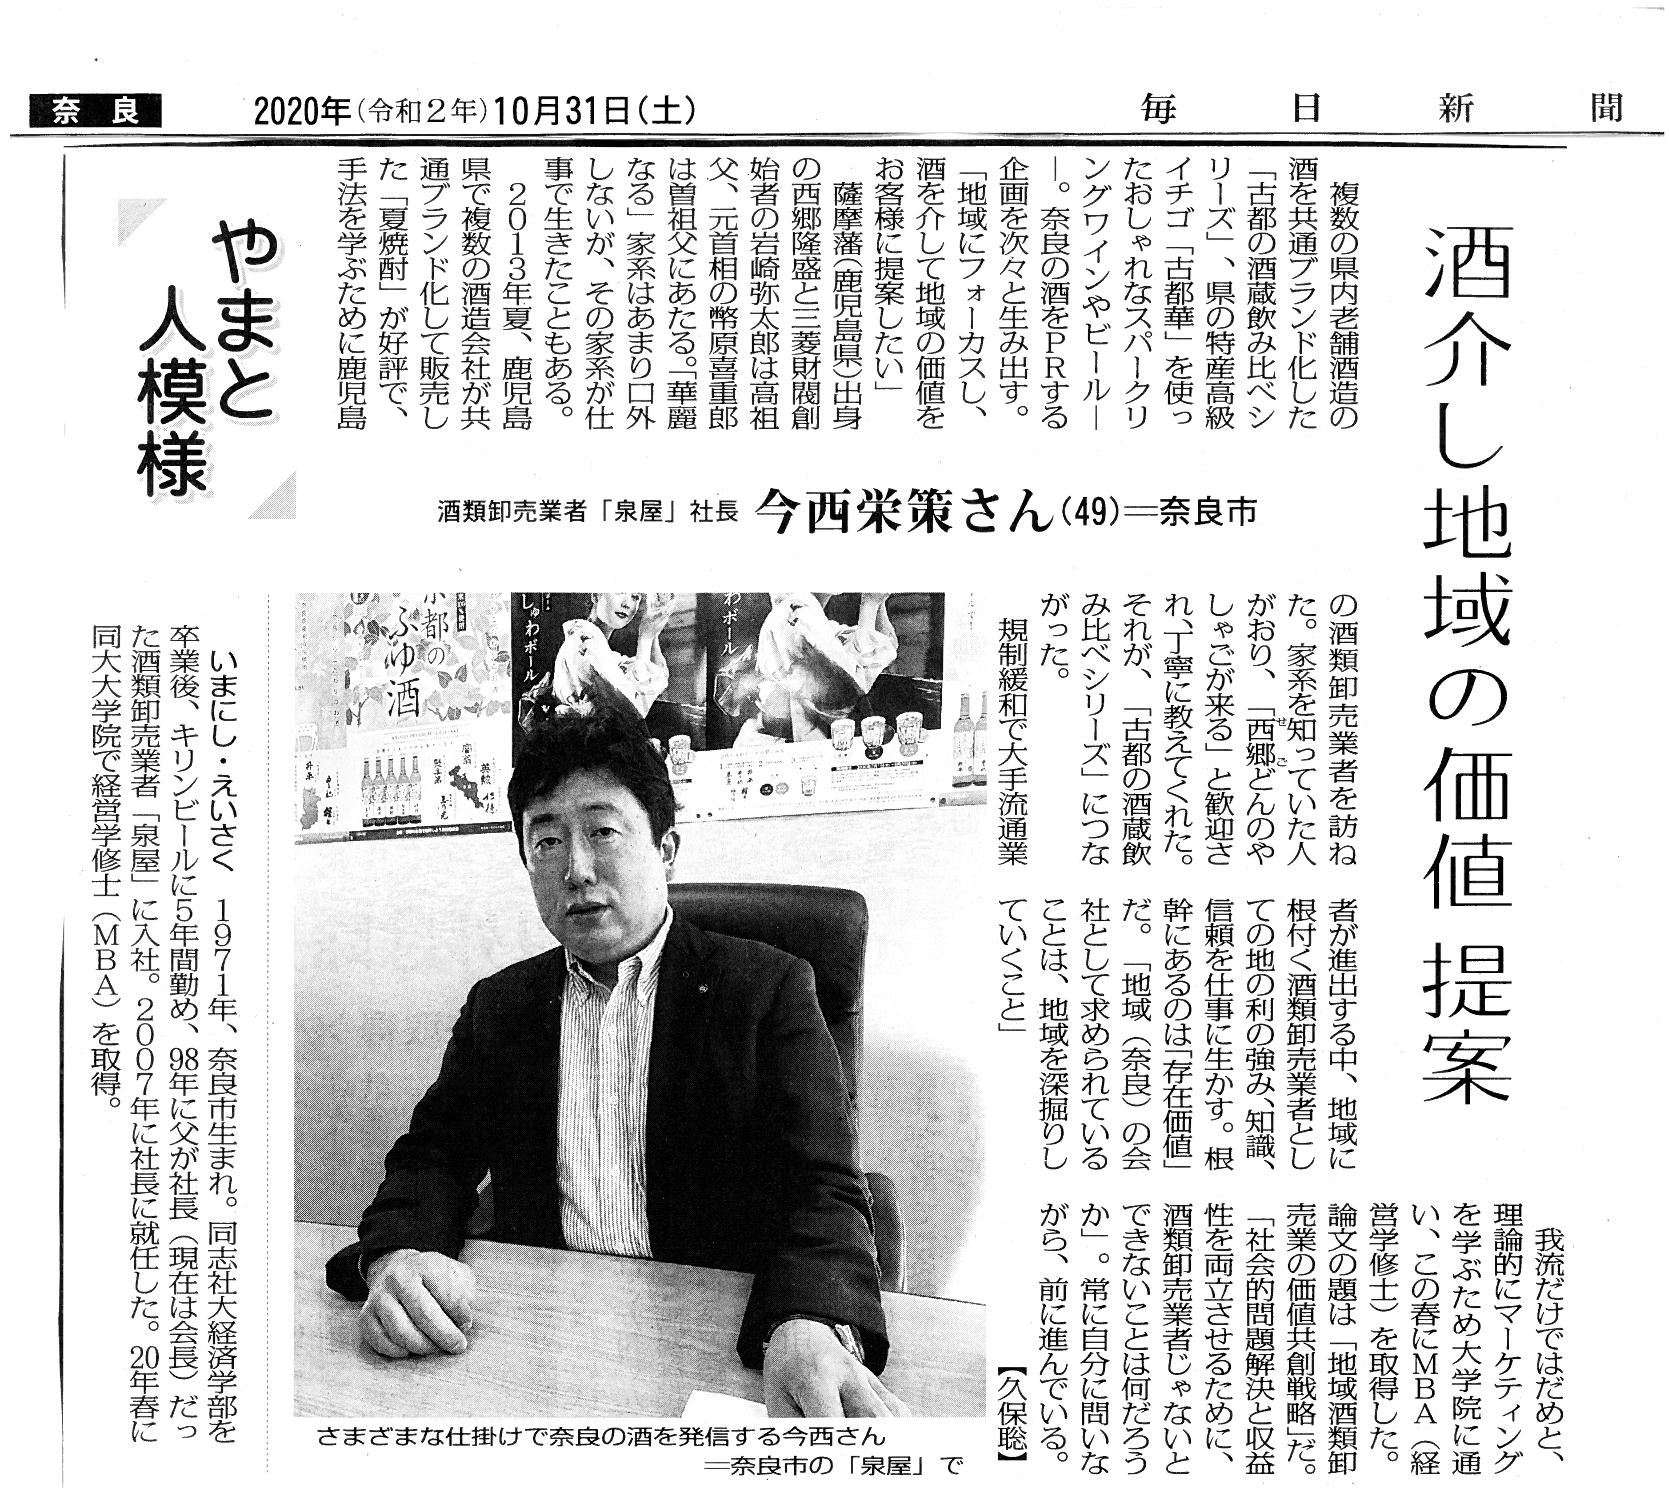 弊社代表取締役社長の今西栄策が毎日新聞「やまと人模様」で紹介されました